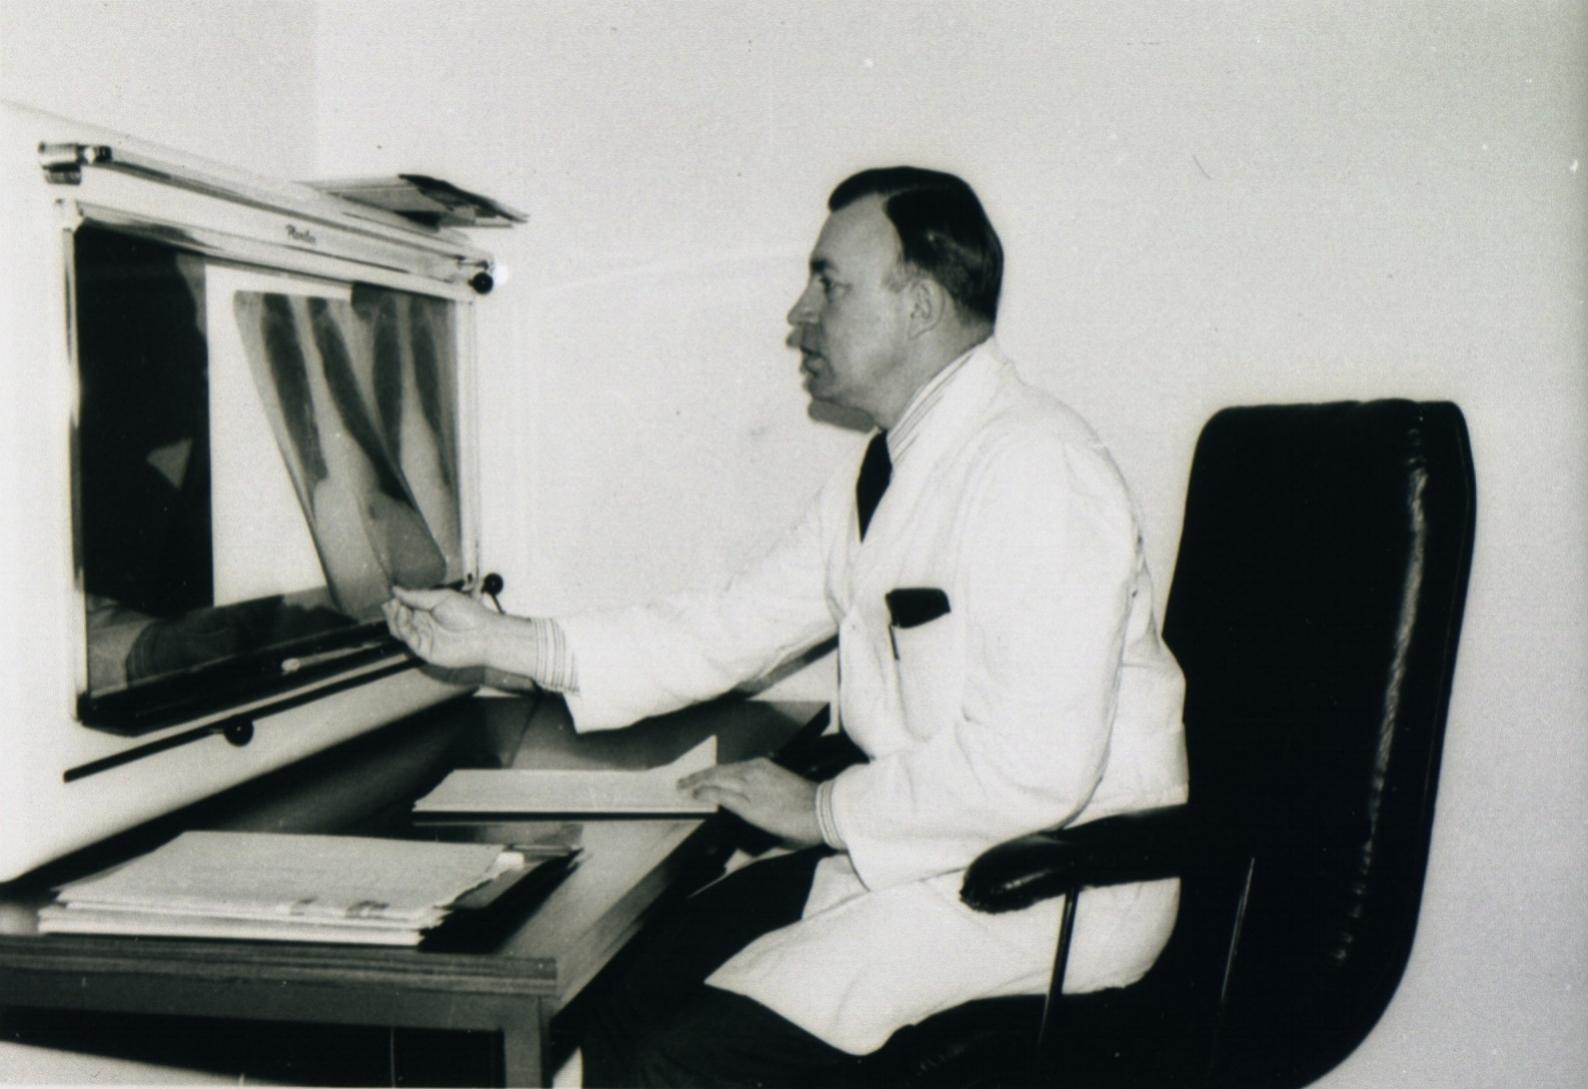 Werksarzt Dr. Schäfer